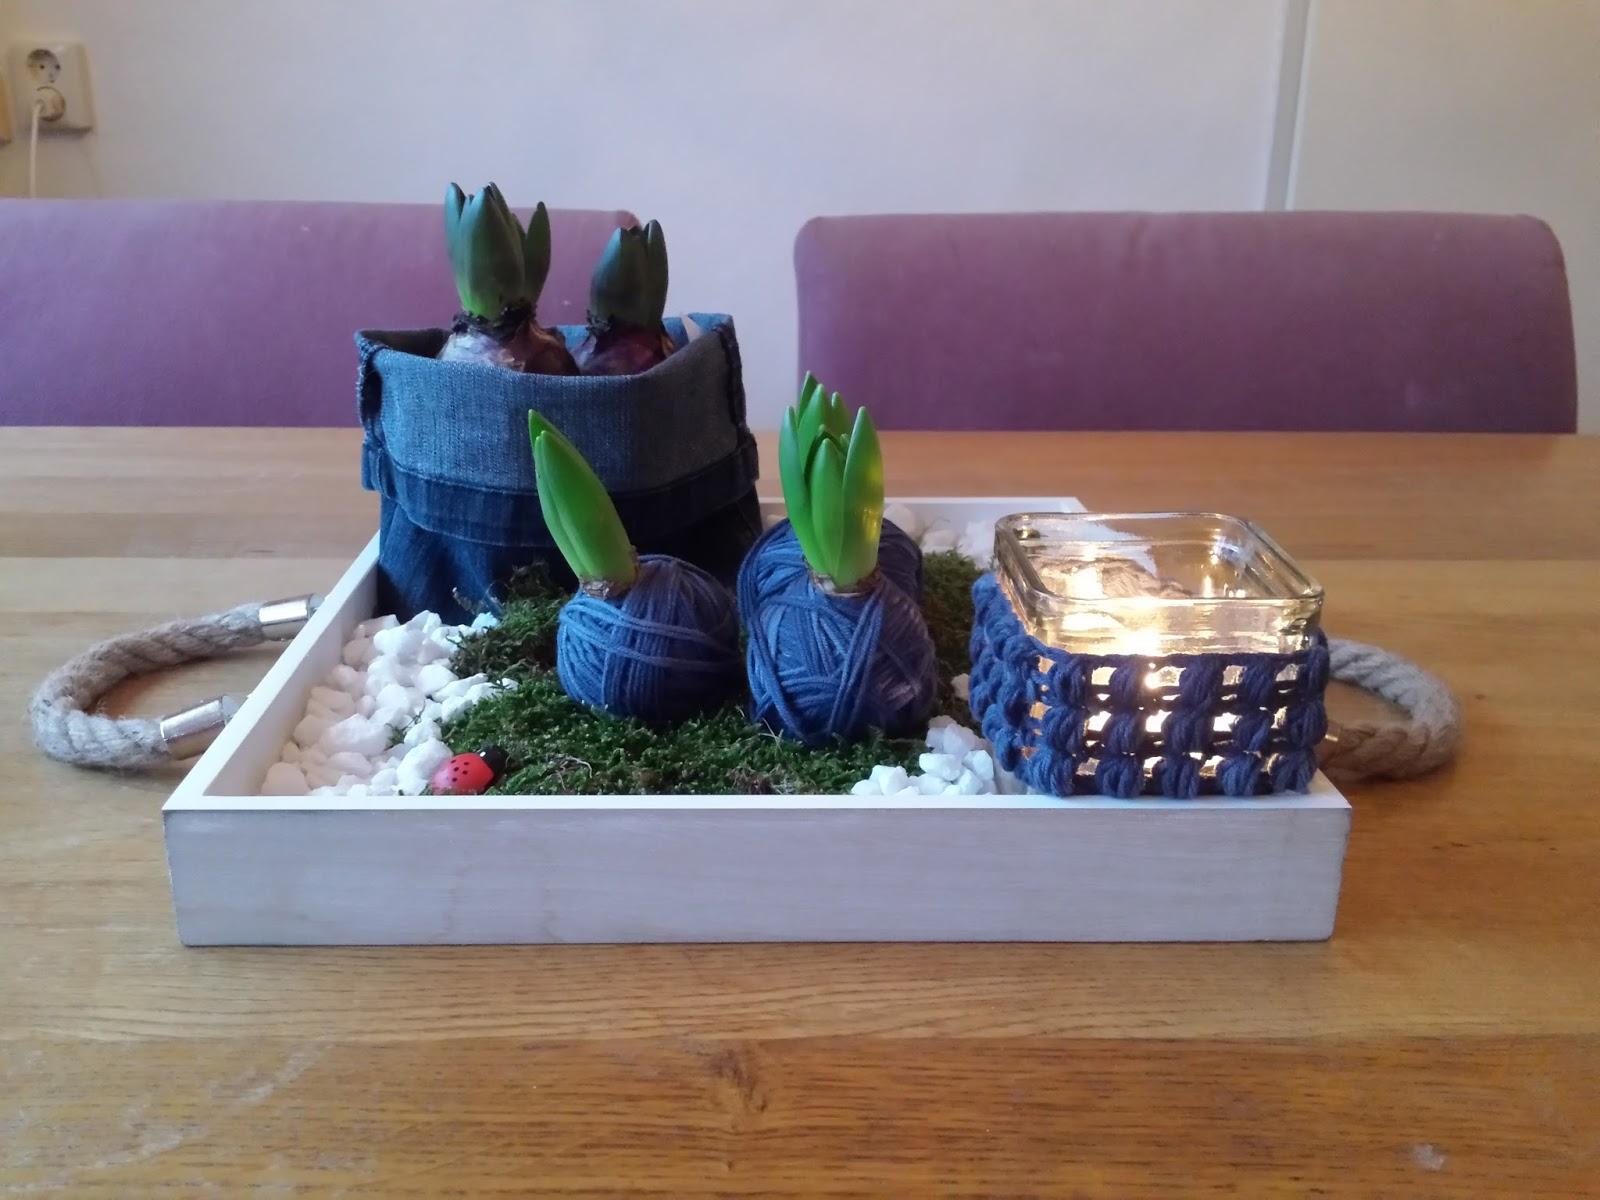 De creatieve wereld van terray bloembollen in jeans style - Tafel klik clac huis van de wereld ...